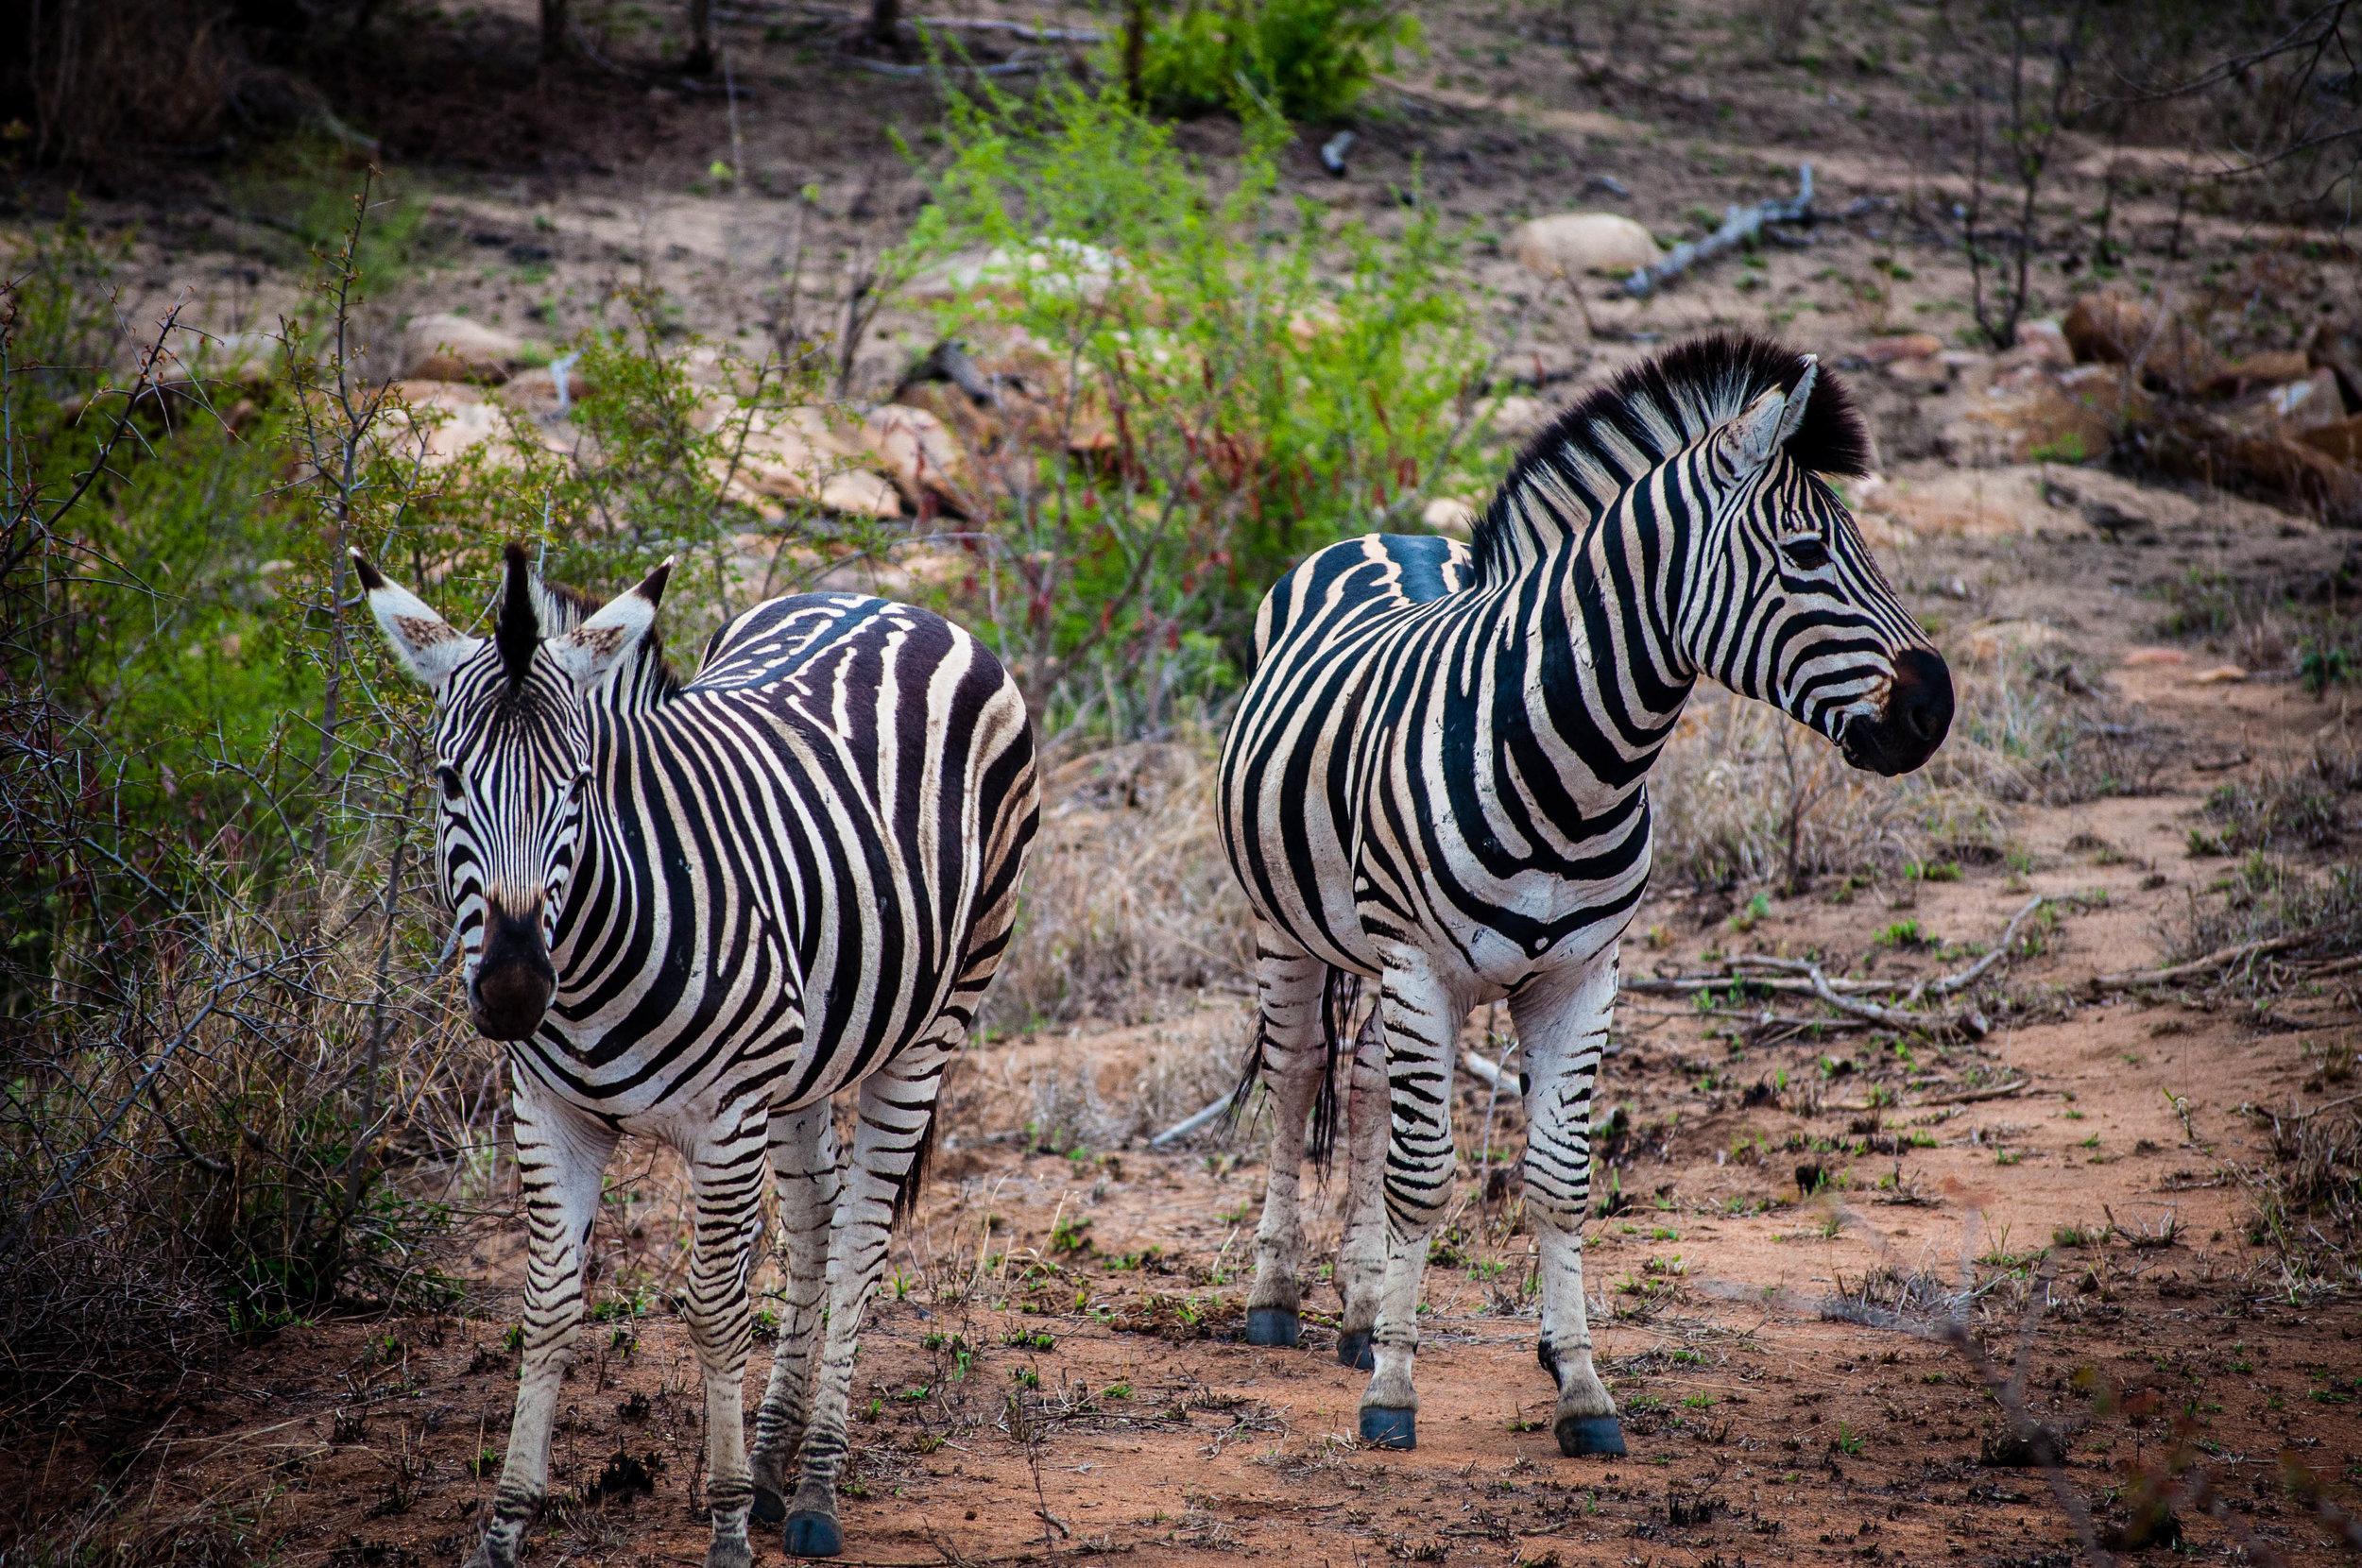 Zebras at Kruger park. safari planner